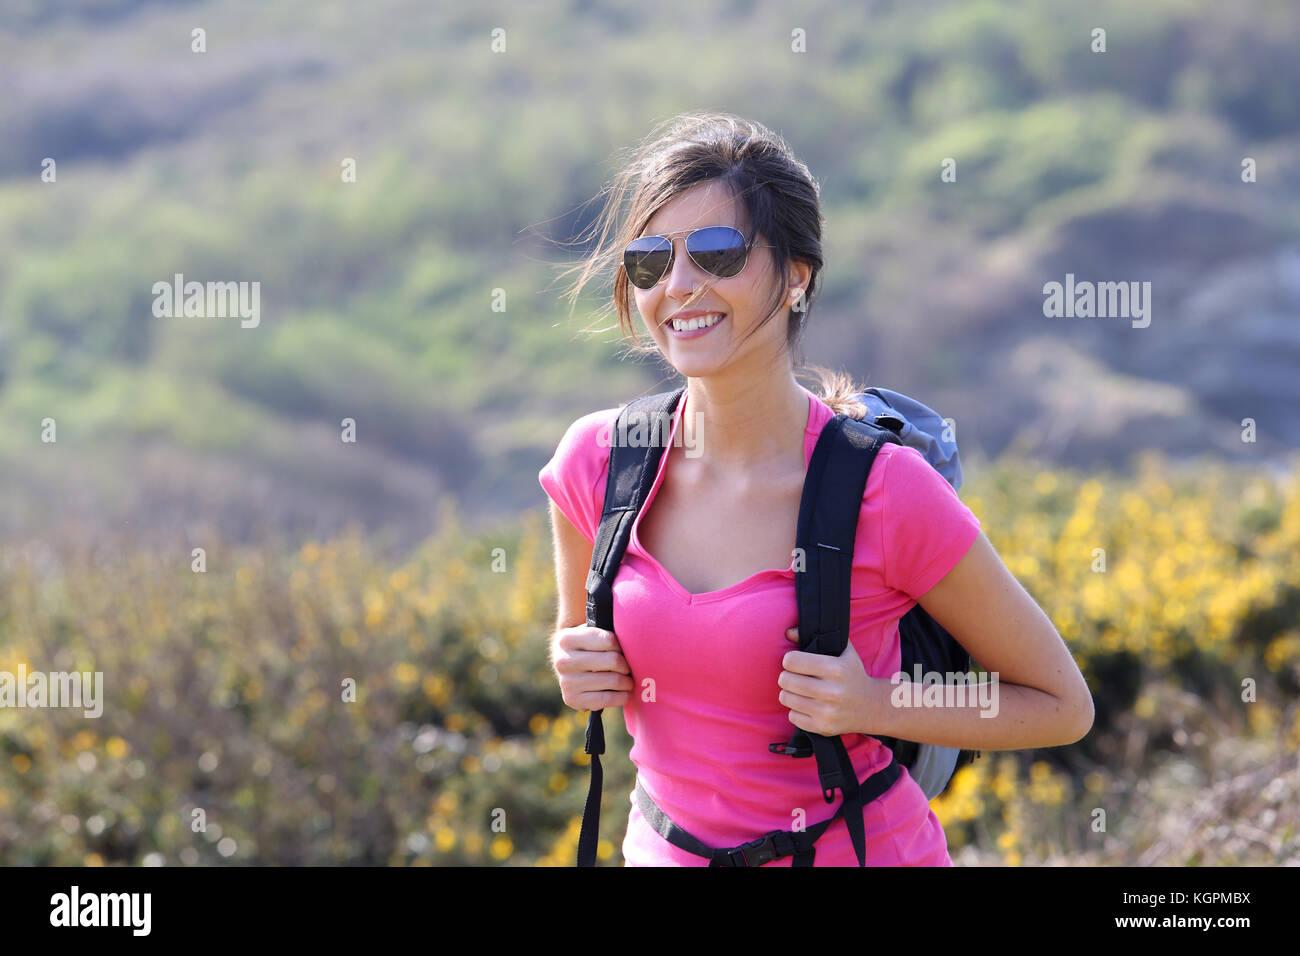 Lächelnd Wanderer Mädchen gehen in Land Pfad Stockbild